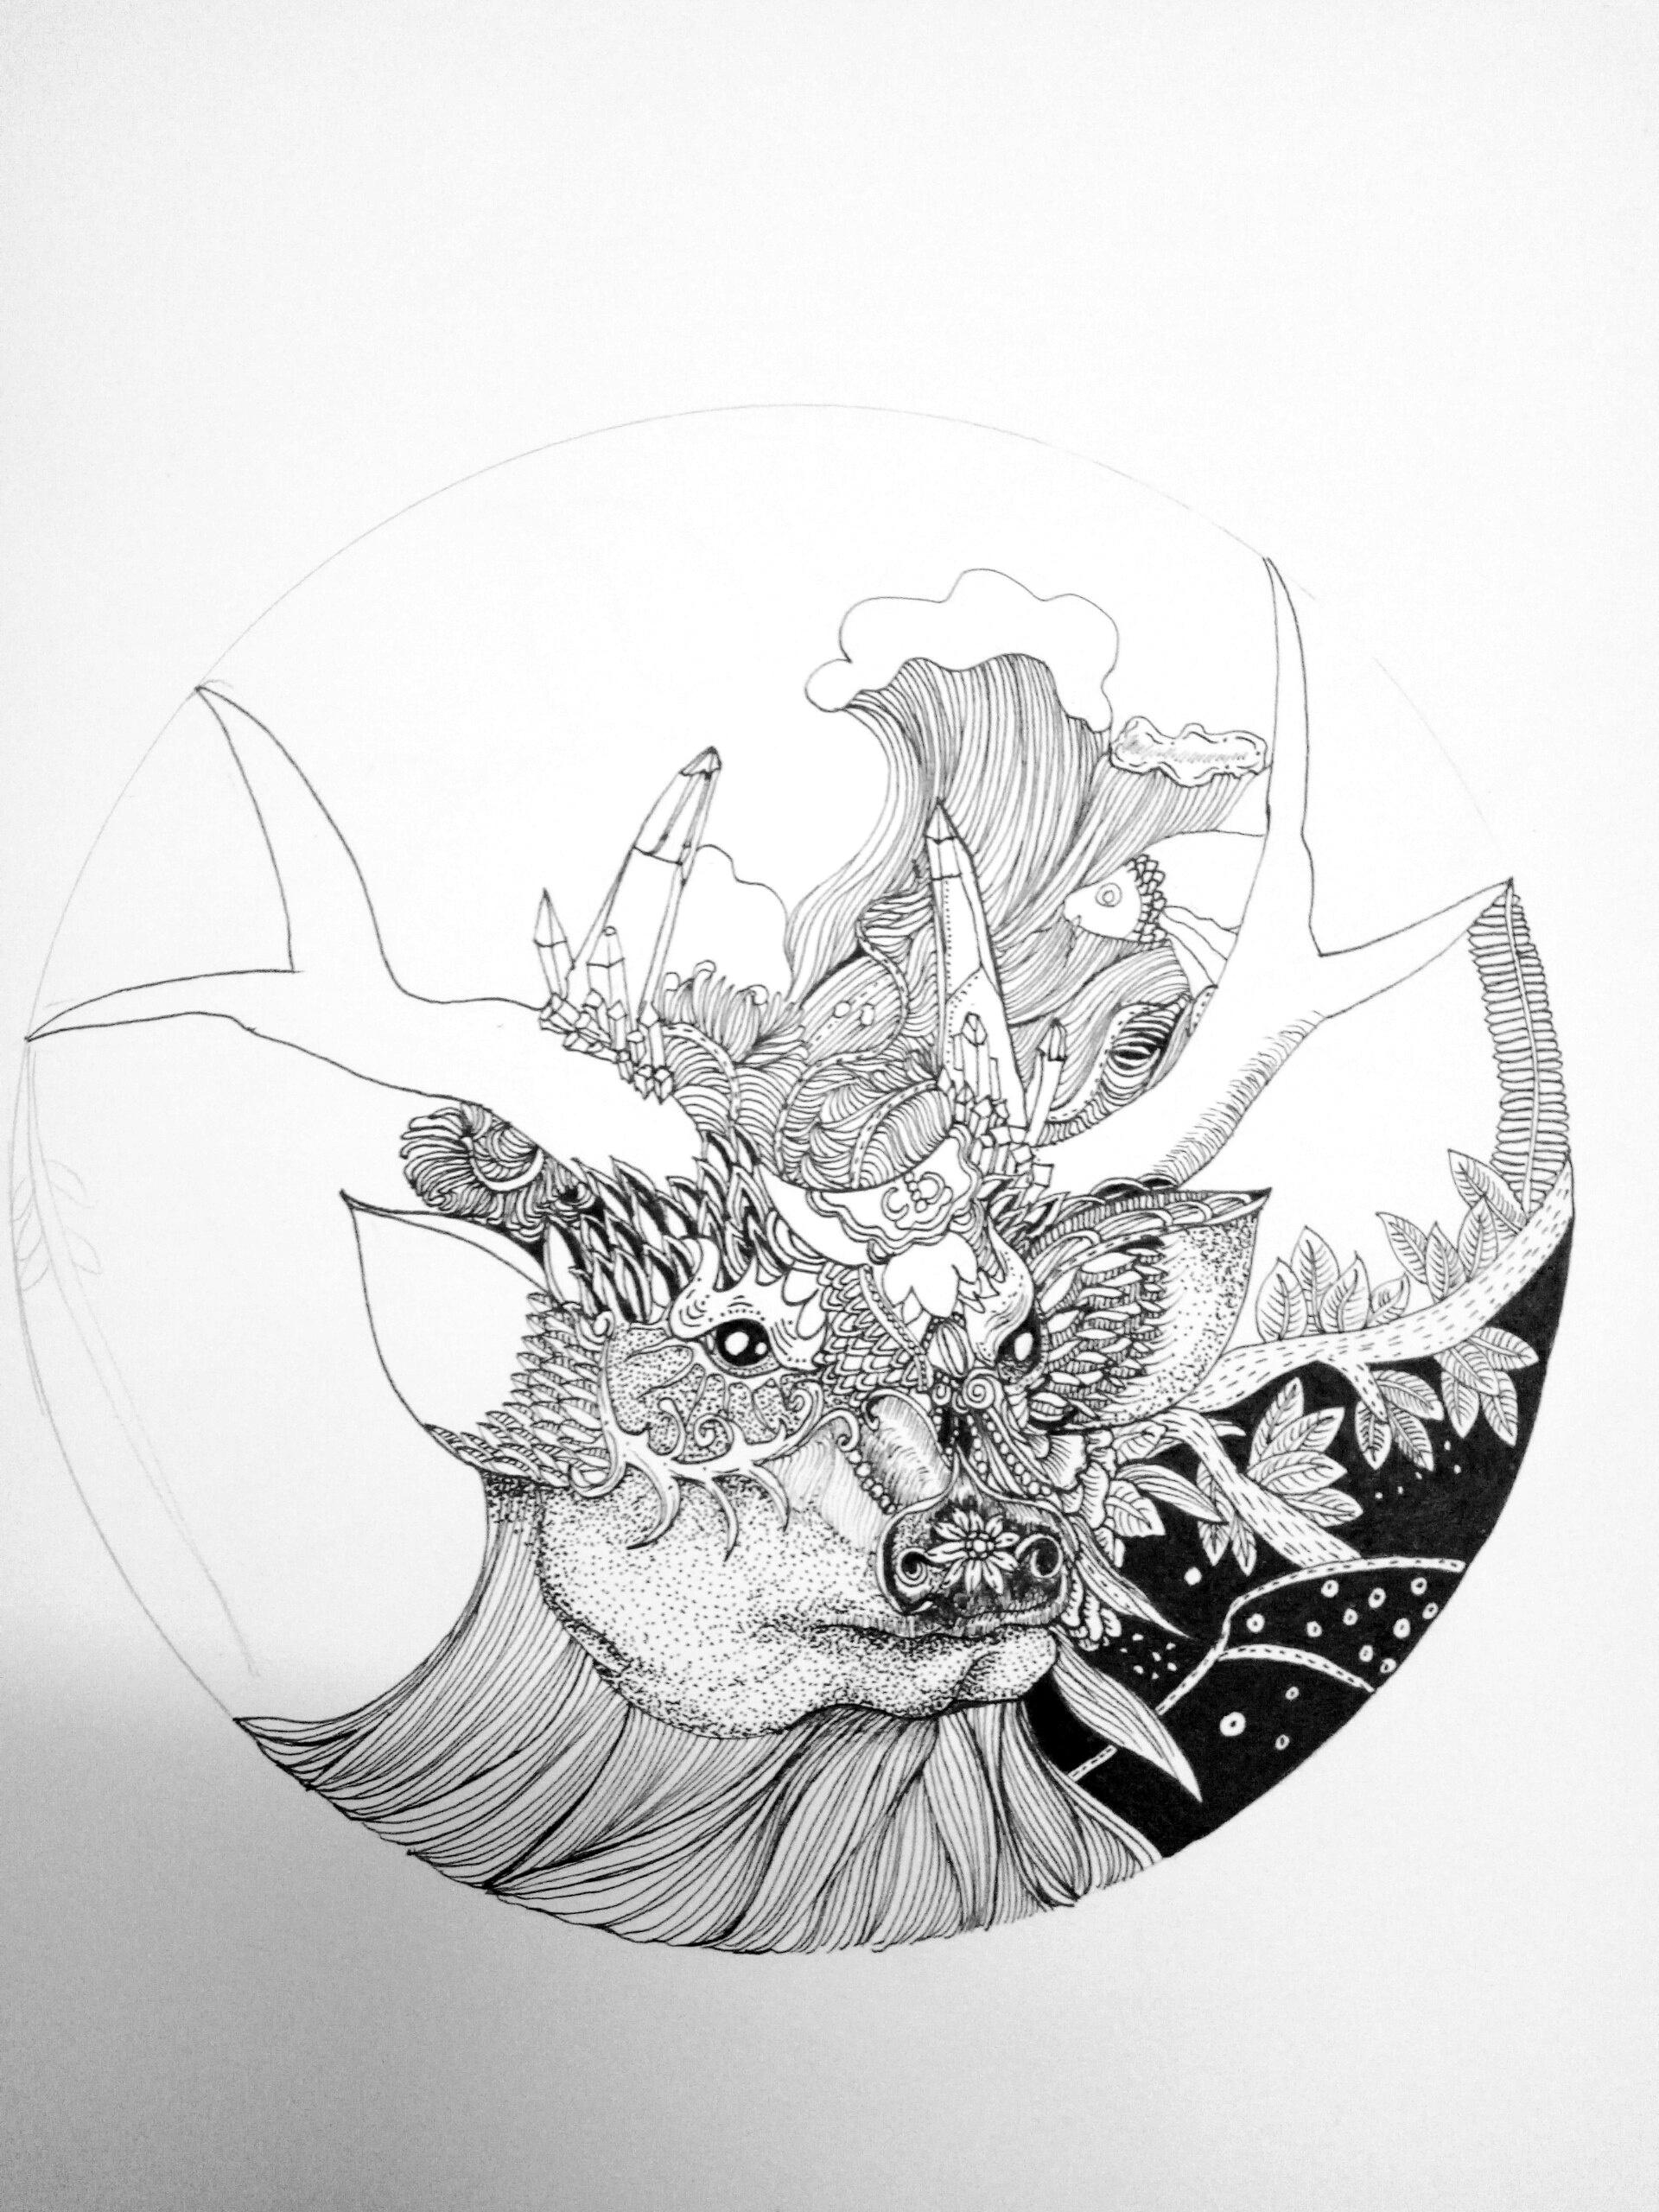 麋鹿插画黑白